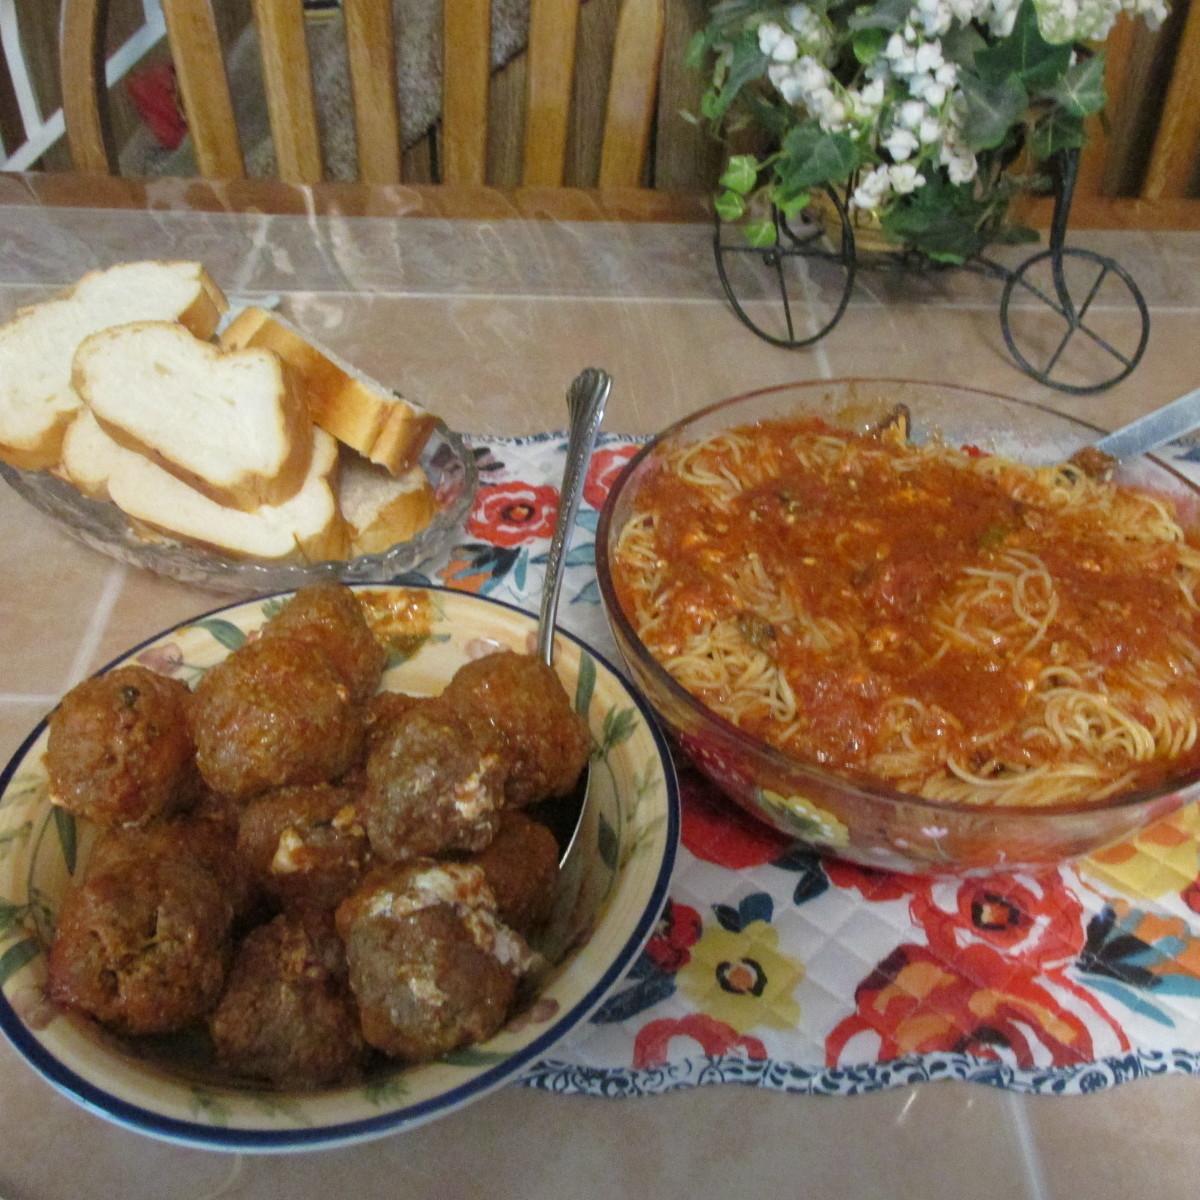 A good Italian meal